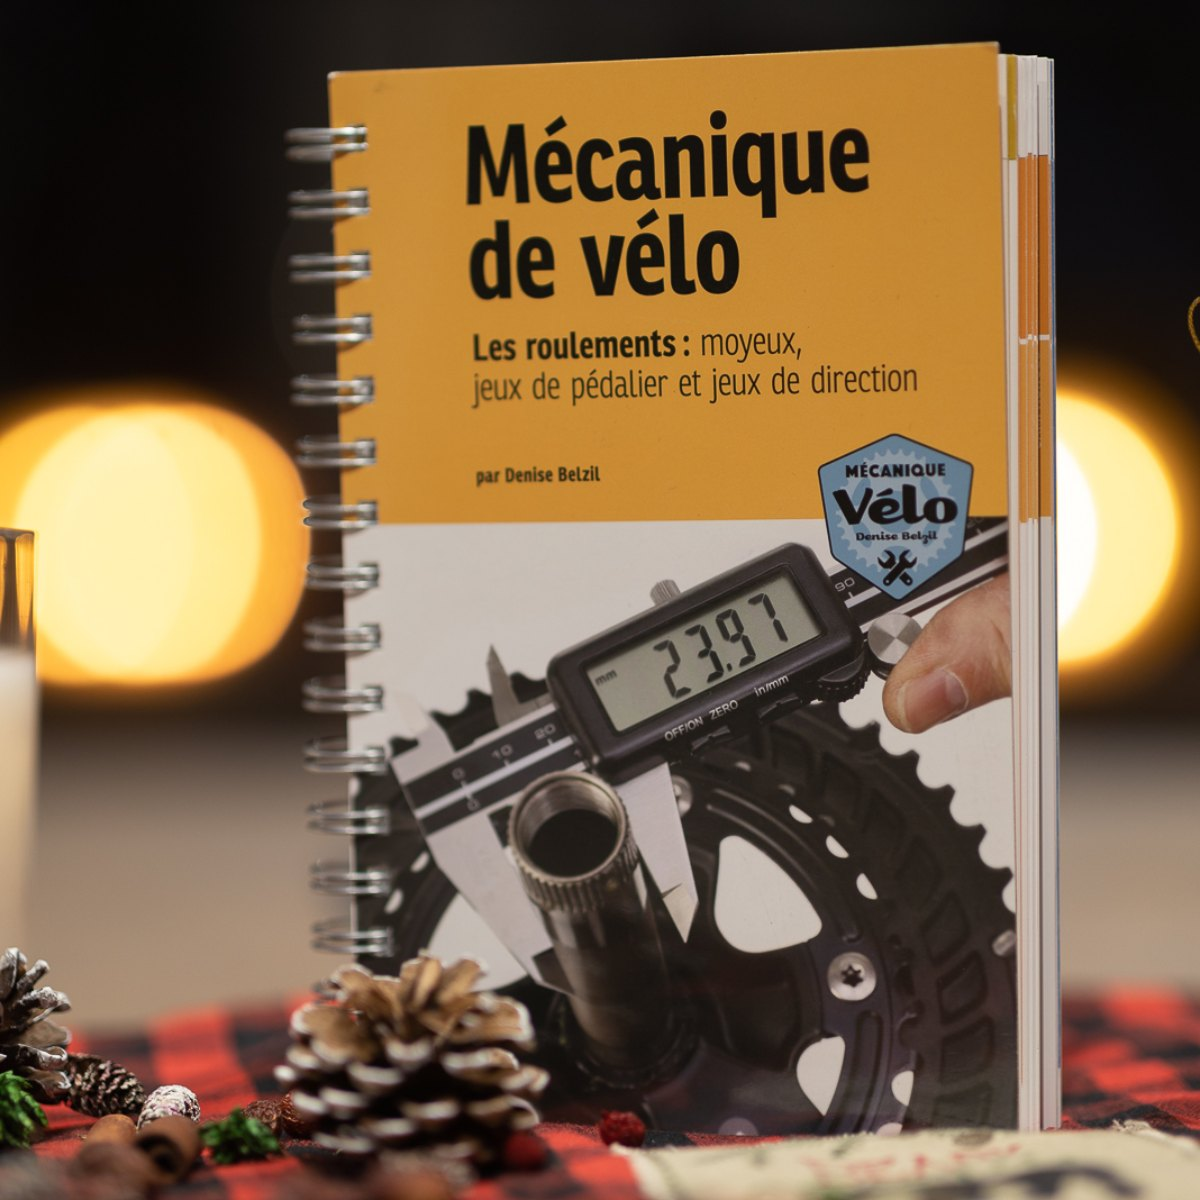 LIVRE DE MECANIQUE VELO - LES ROULEMENTS NIVEAU 1 ET 2